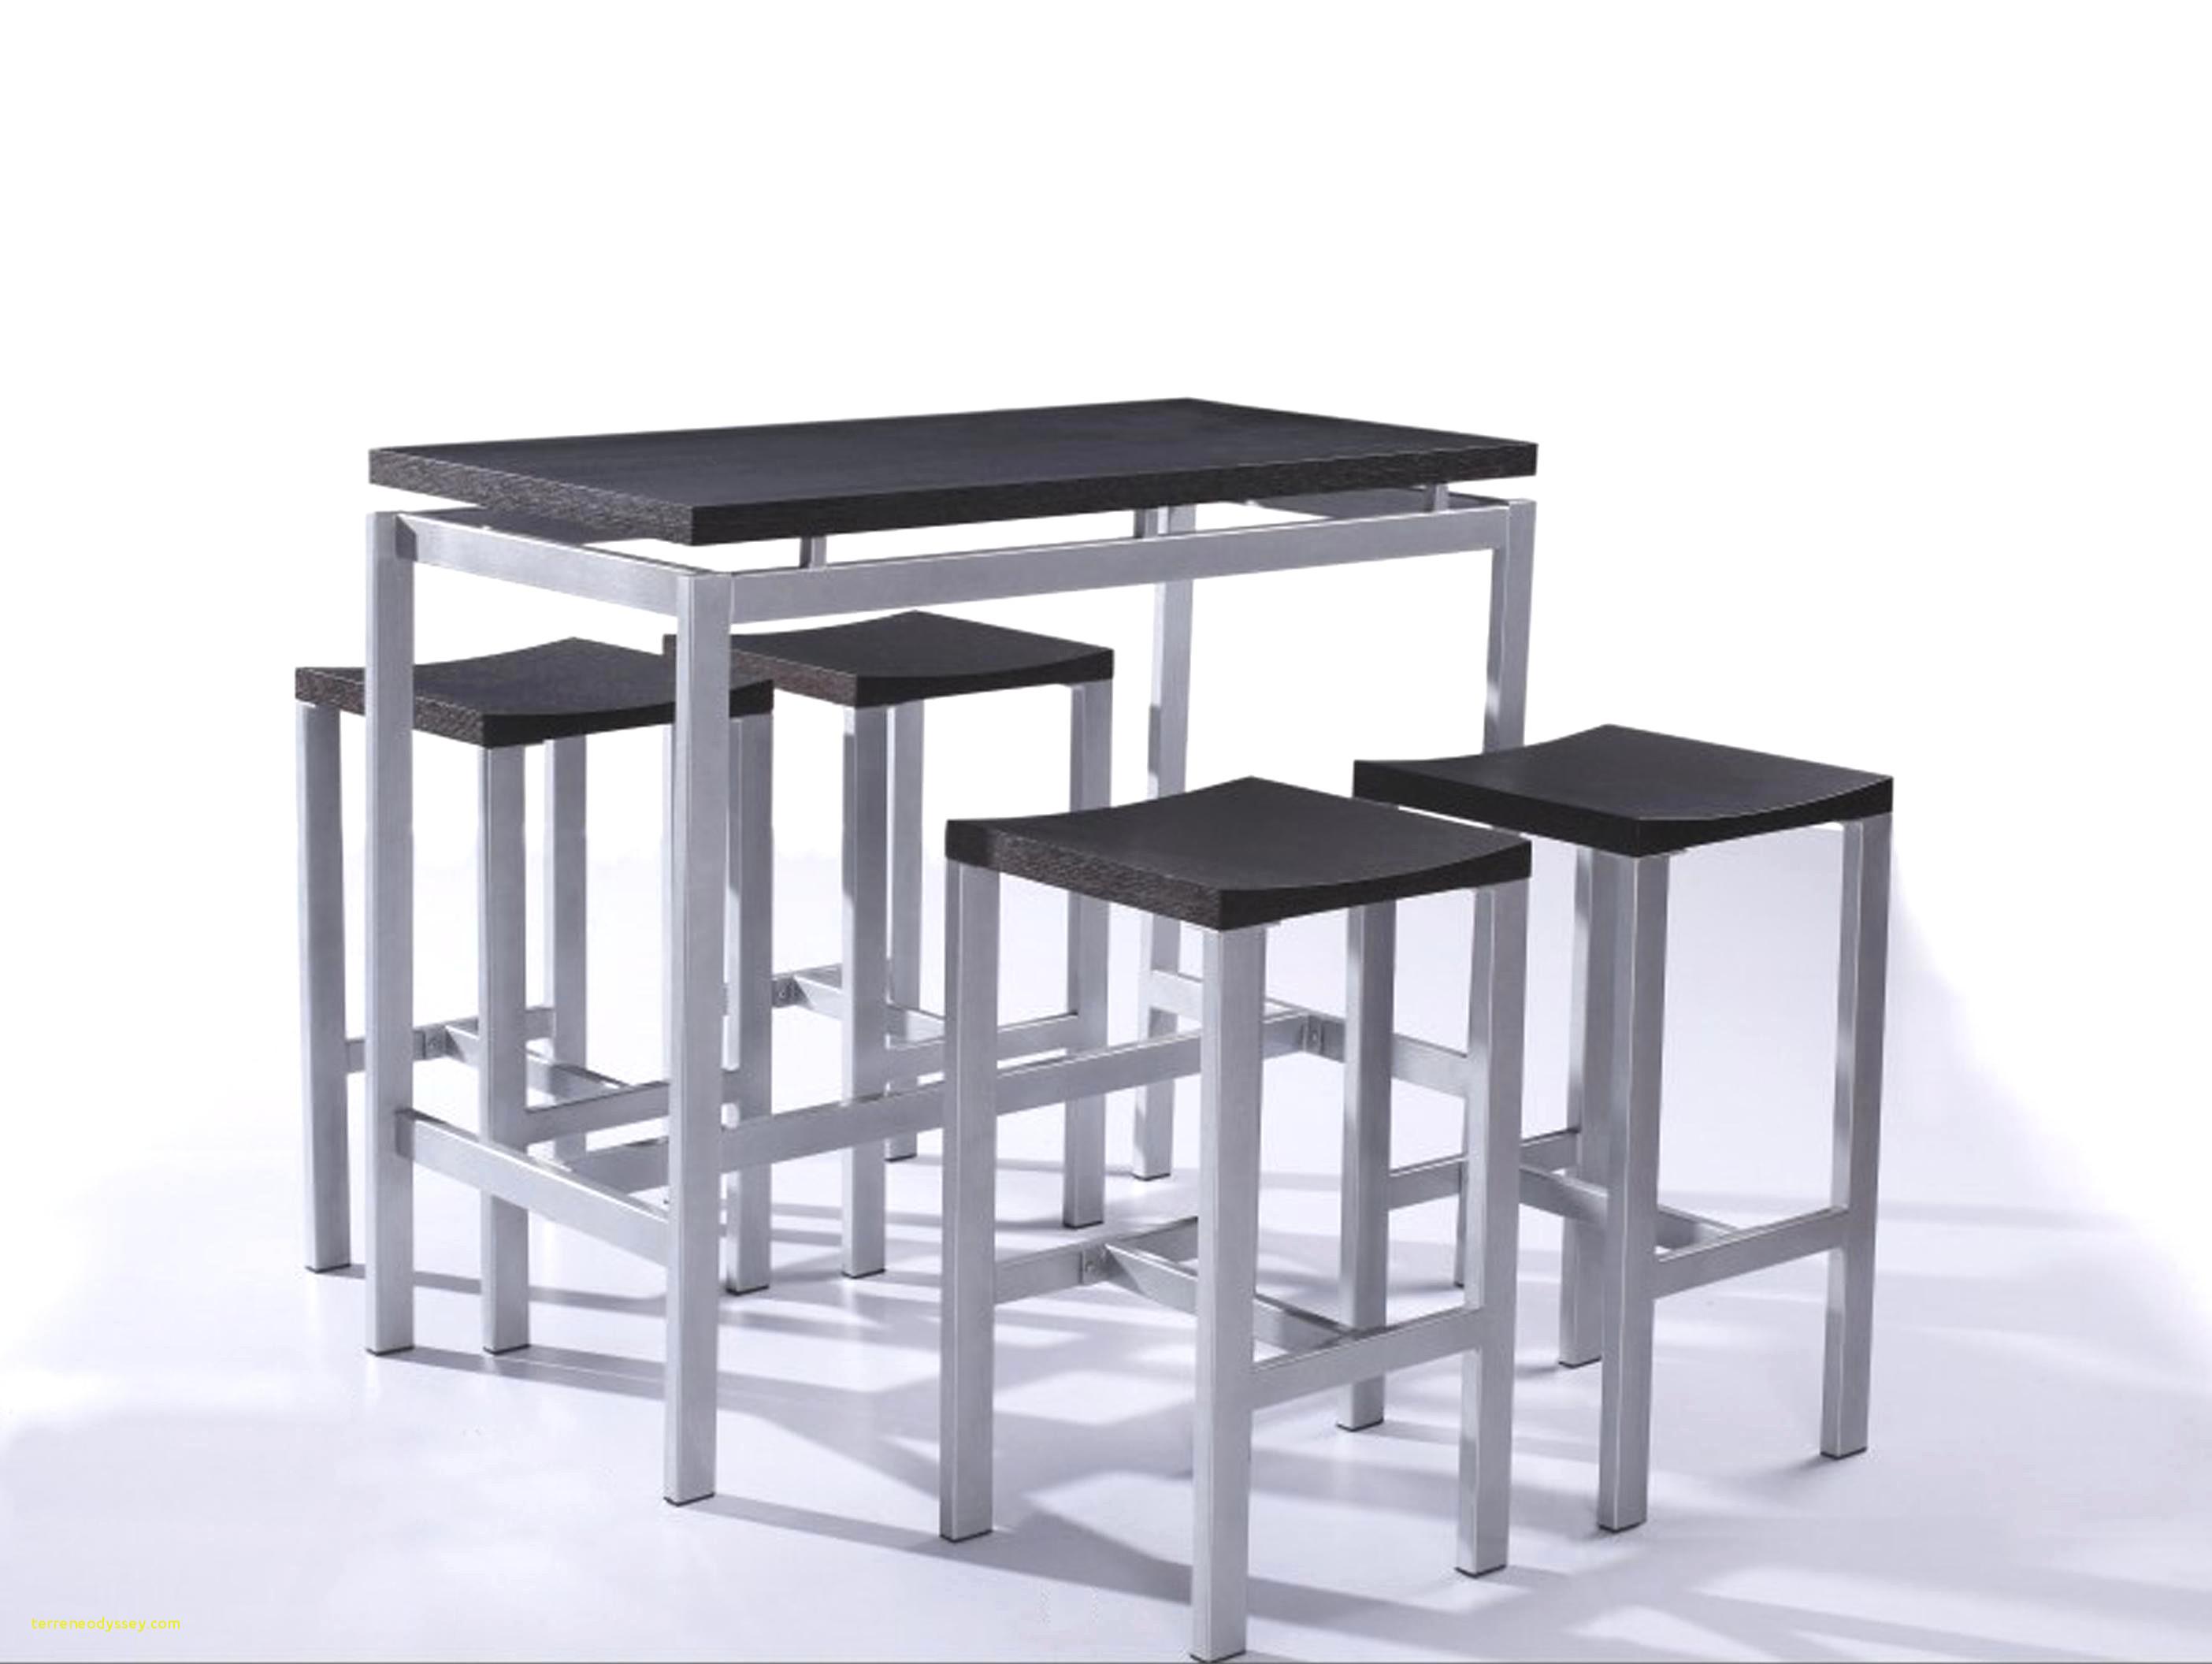 Plan De Travail Alinea Beau Photos Résultat Supérieur Table Bar Rectangulaire Beau Table Haute En Verre